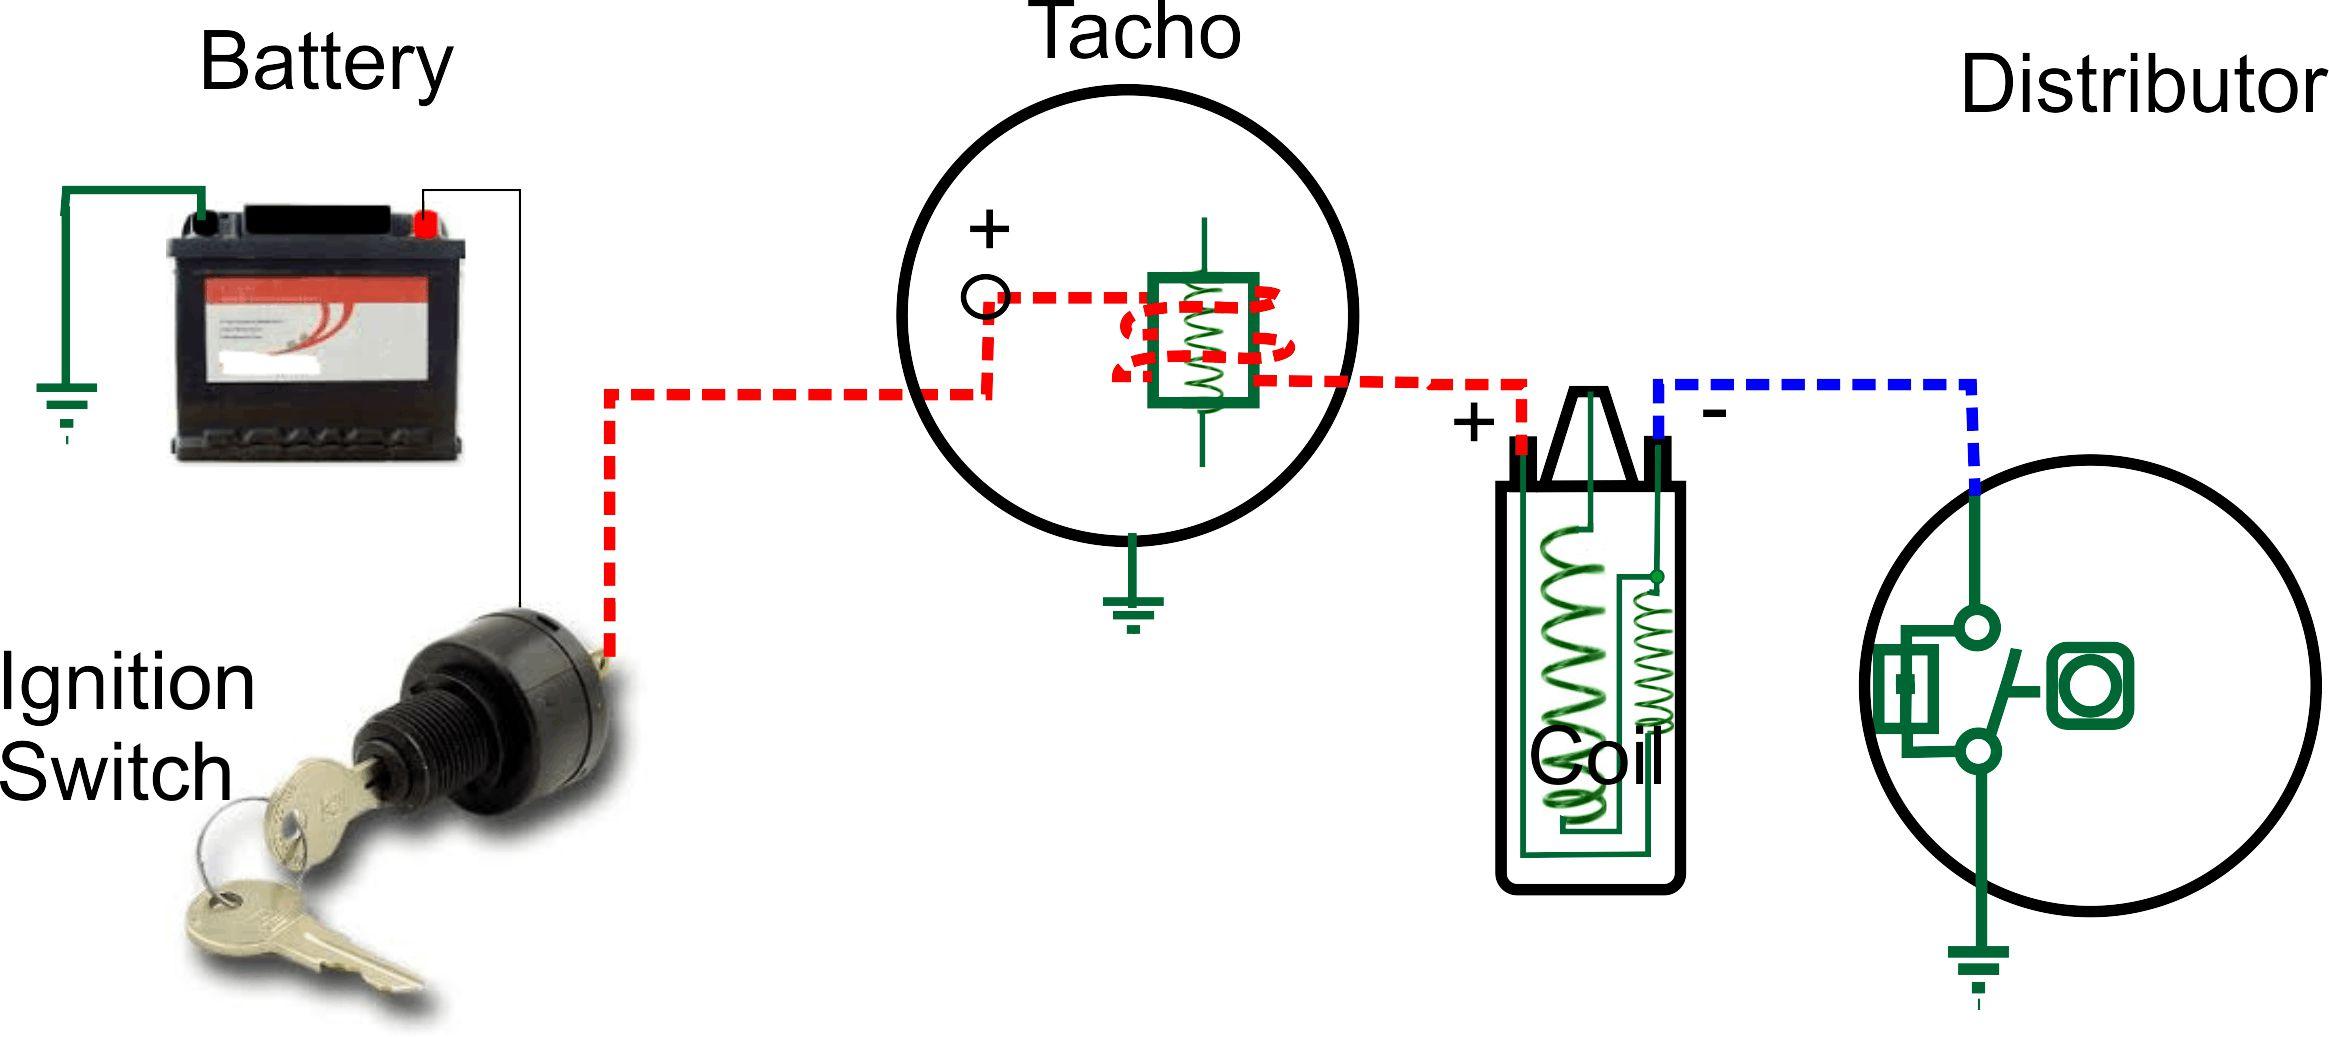 Tachometer WiringSpiyda